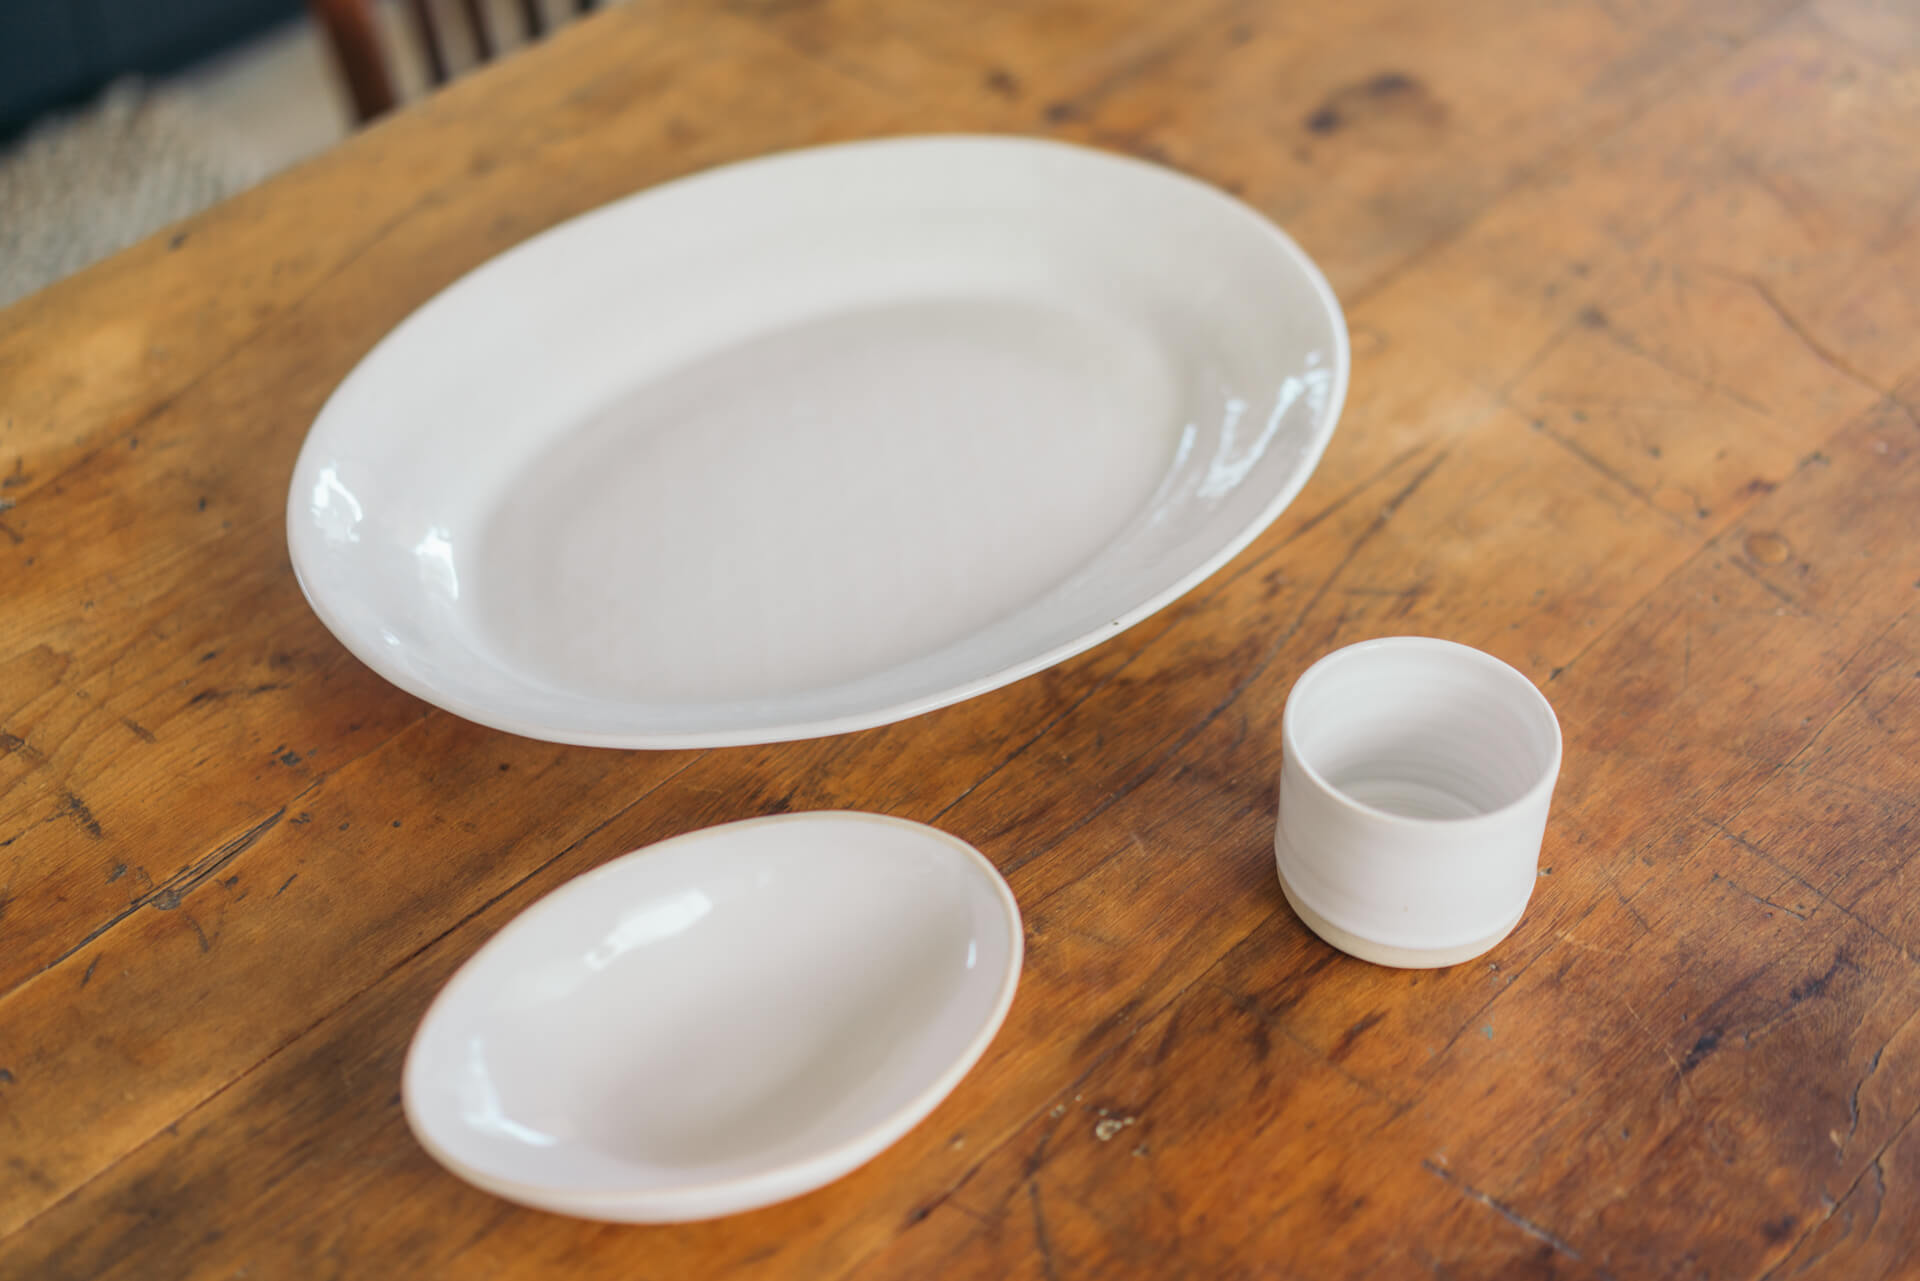 南アフリカにある陶窯、wonki ware の食器は、和でも洋でも使える雰囲気が好き。